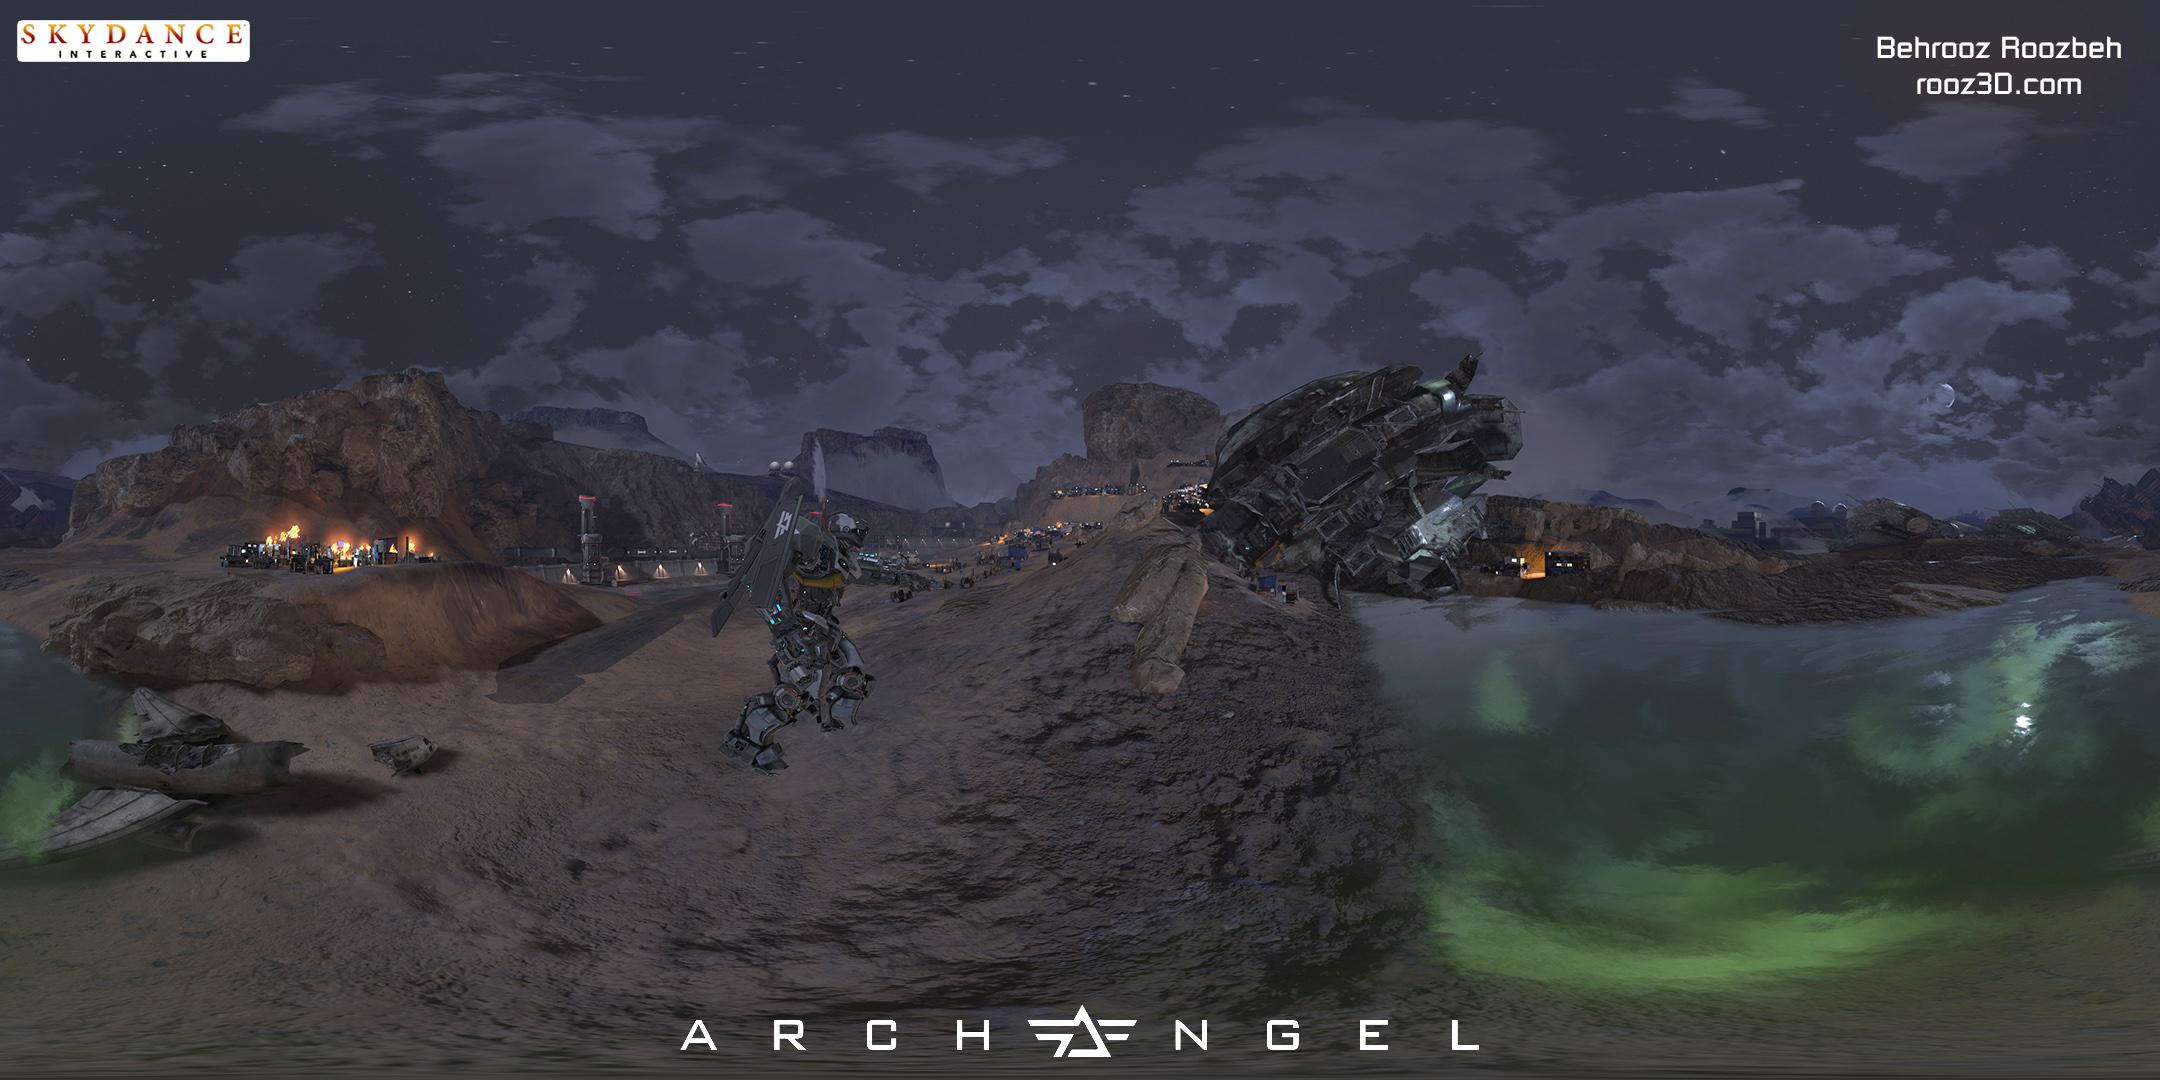 Archangel_VR_05.jpg